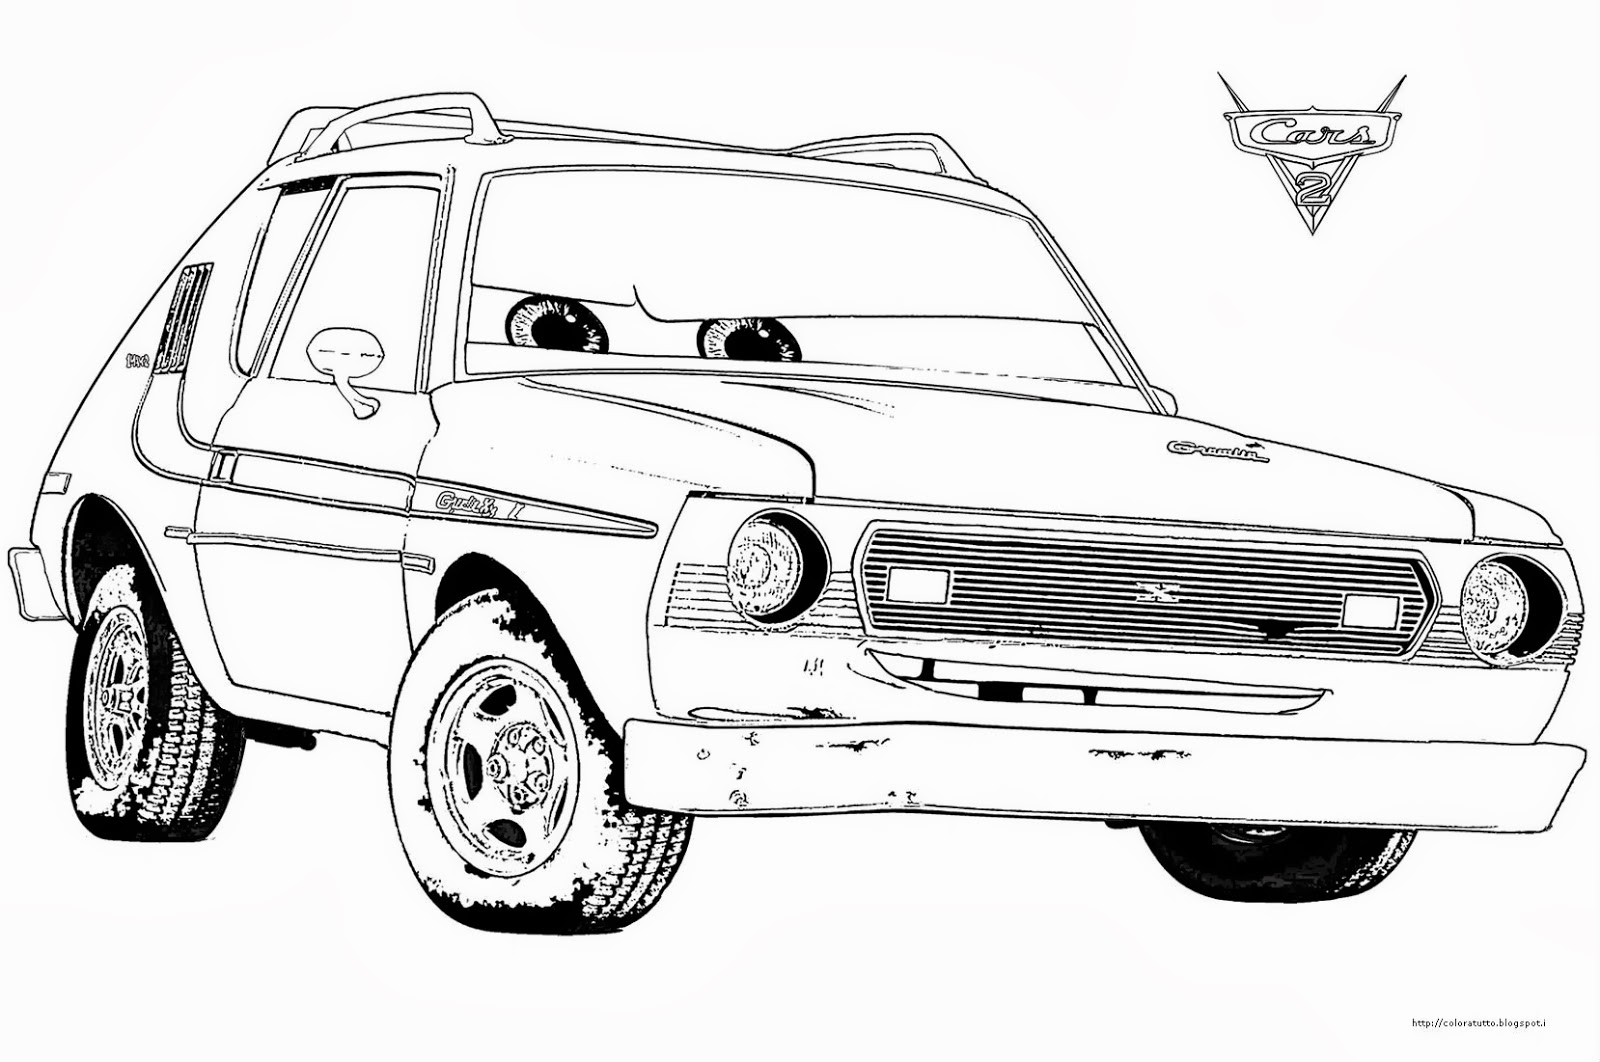 Giochi Gratis Di Cars 2 Da Colorare Cars 2 I Disegni